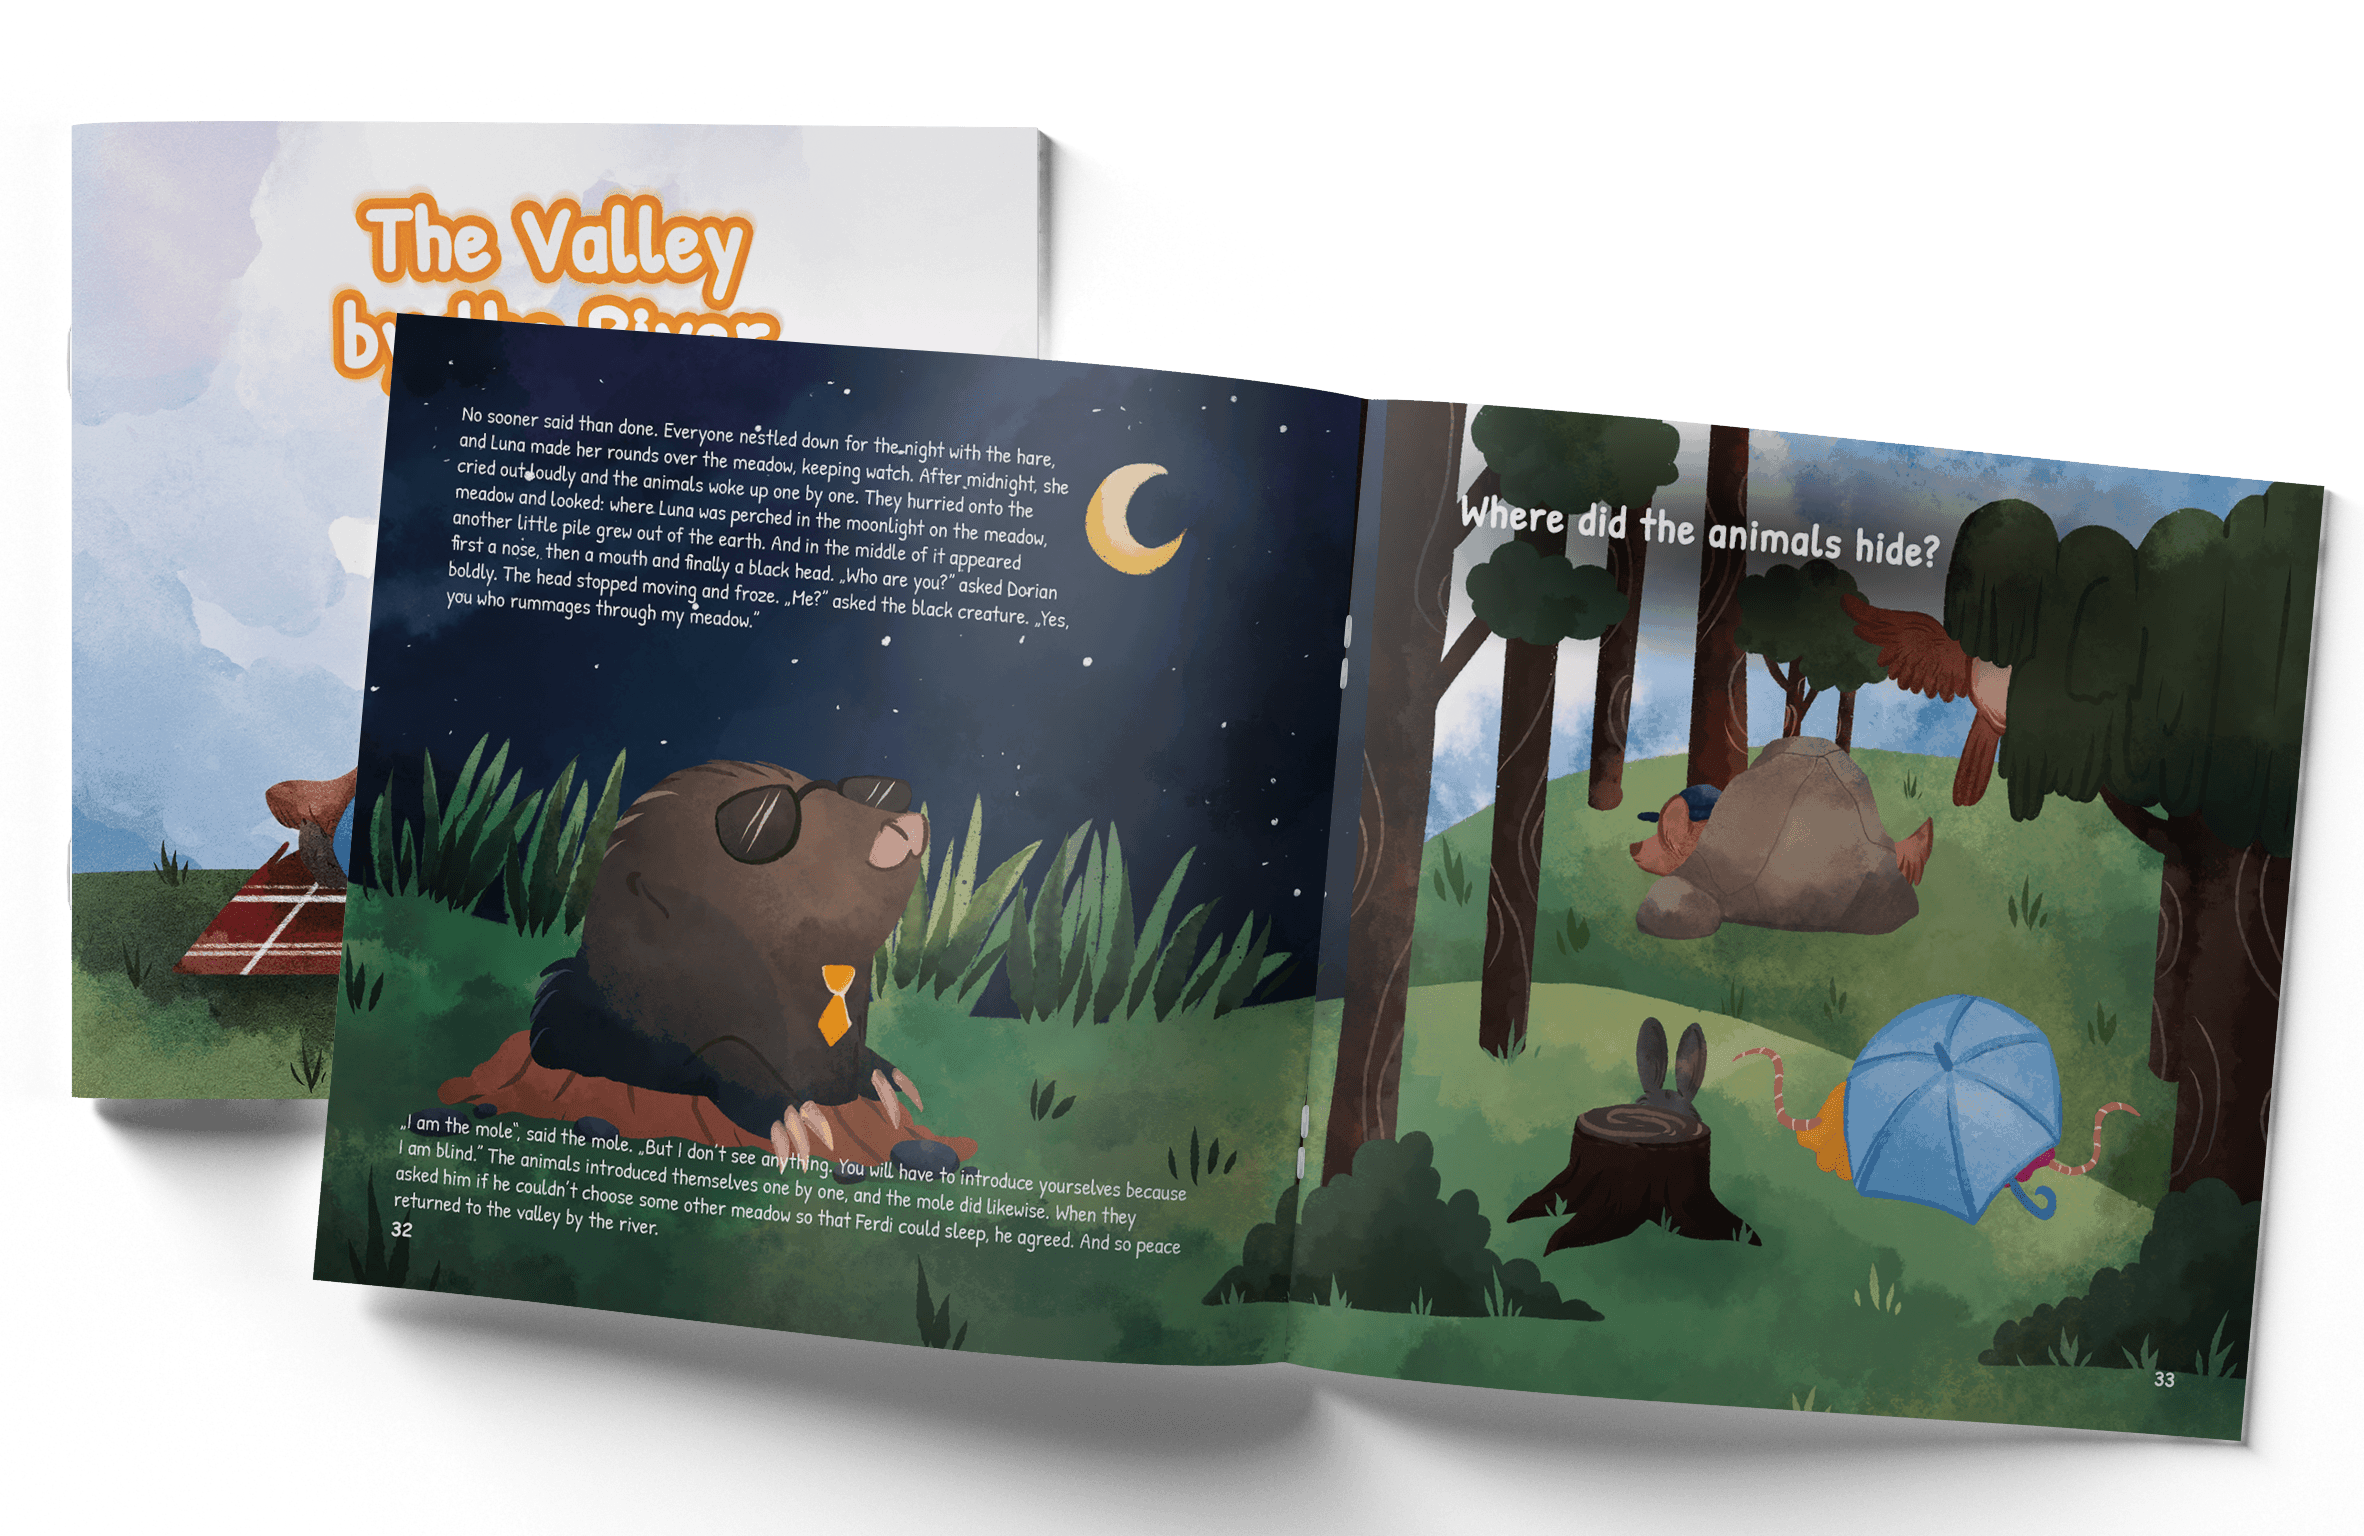 Údolí u řeky - nová kniha pro děti